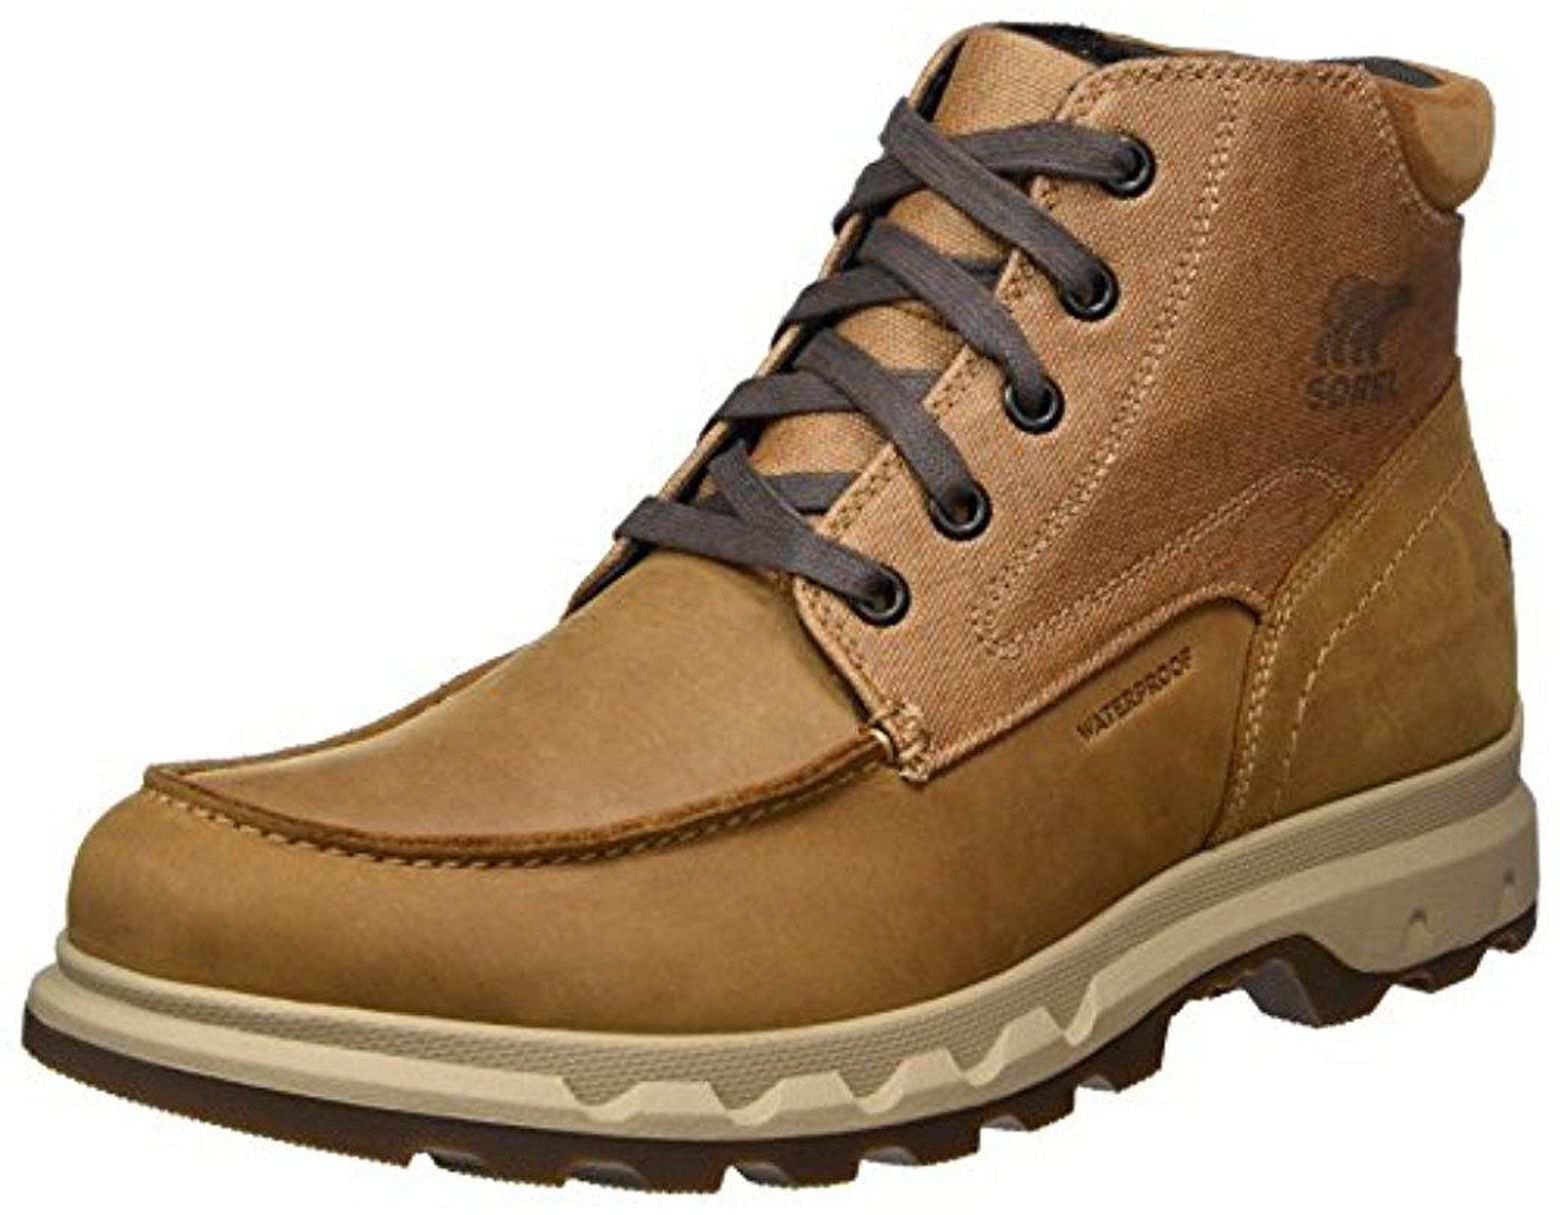 6d173a4890a Men's Portzman Moc Toe Ankle Boot